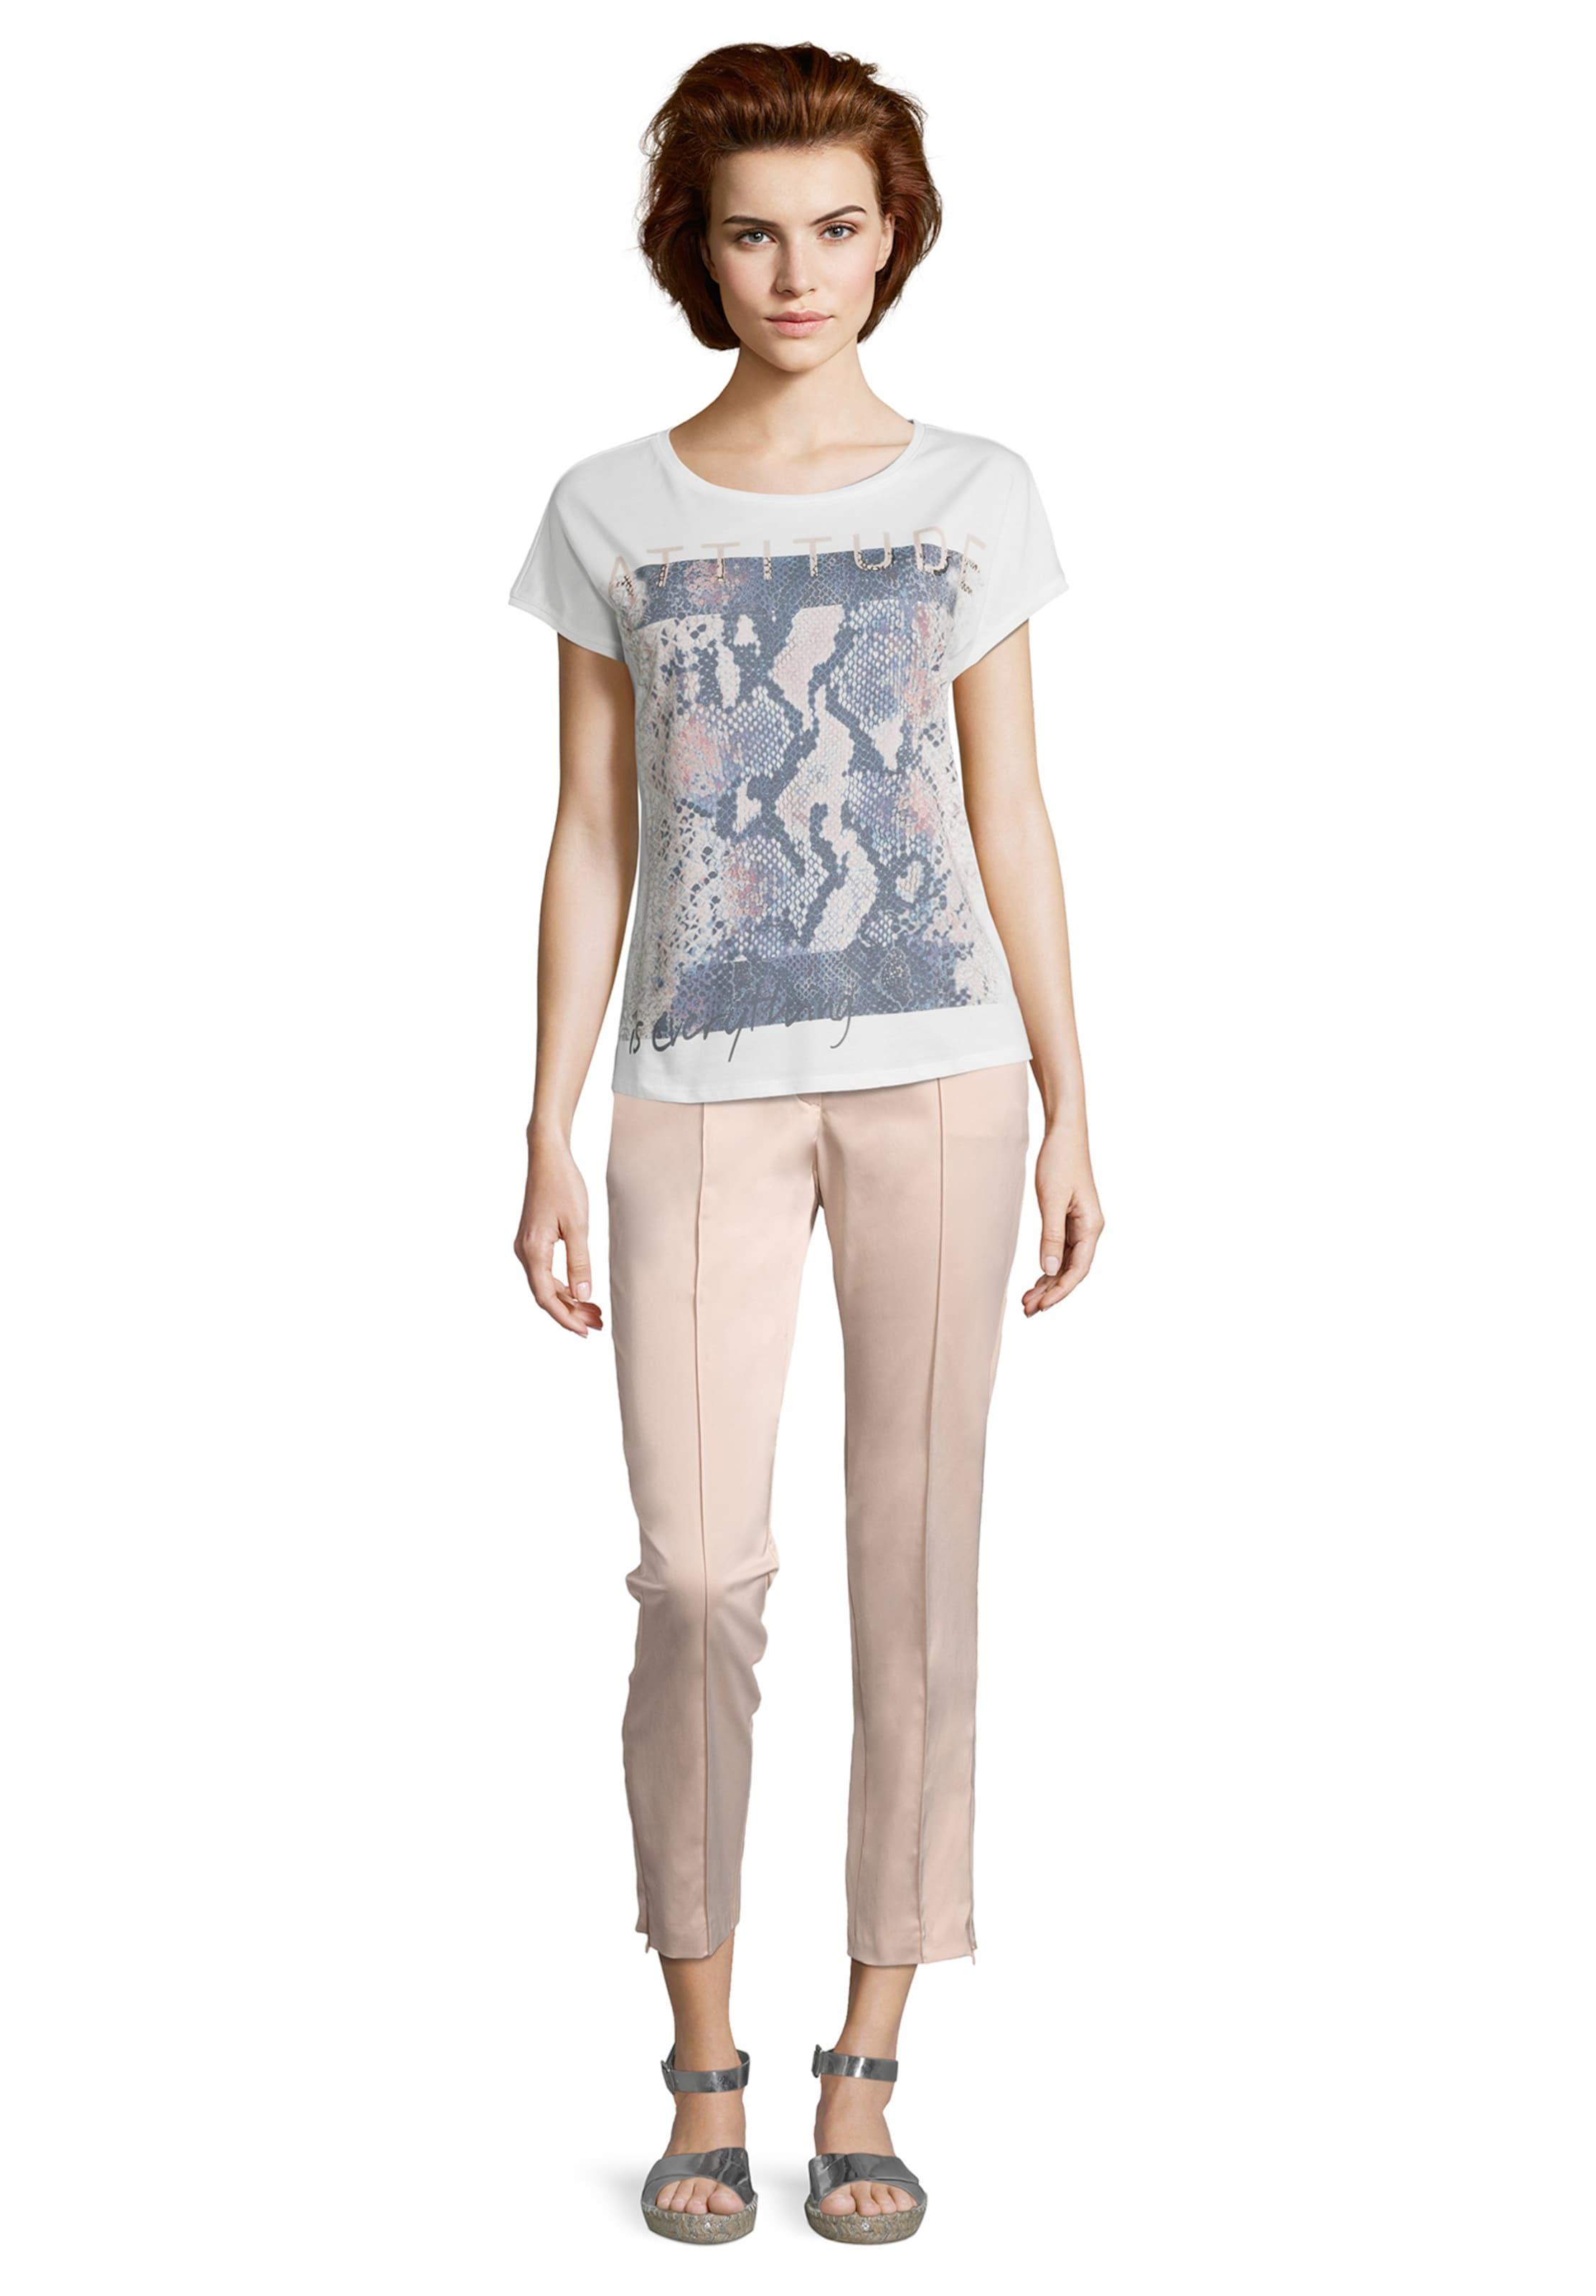 Bettyamp; Bettyamp; In Shirt Co Bettyamp; MischfarbenWeiß Co In Shirt In MischfarbenWeiß Co Shirt wOkX8n0P